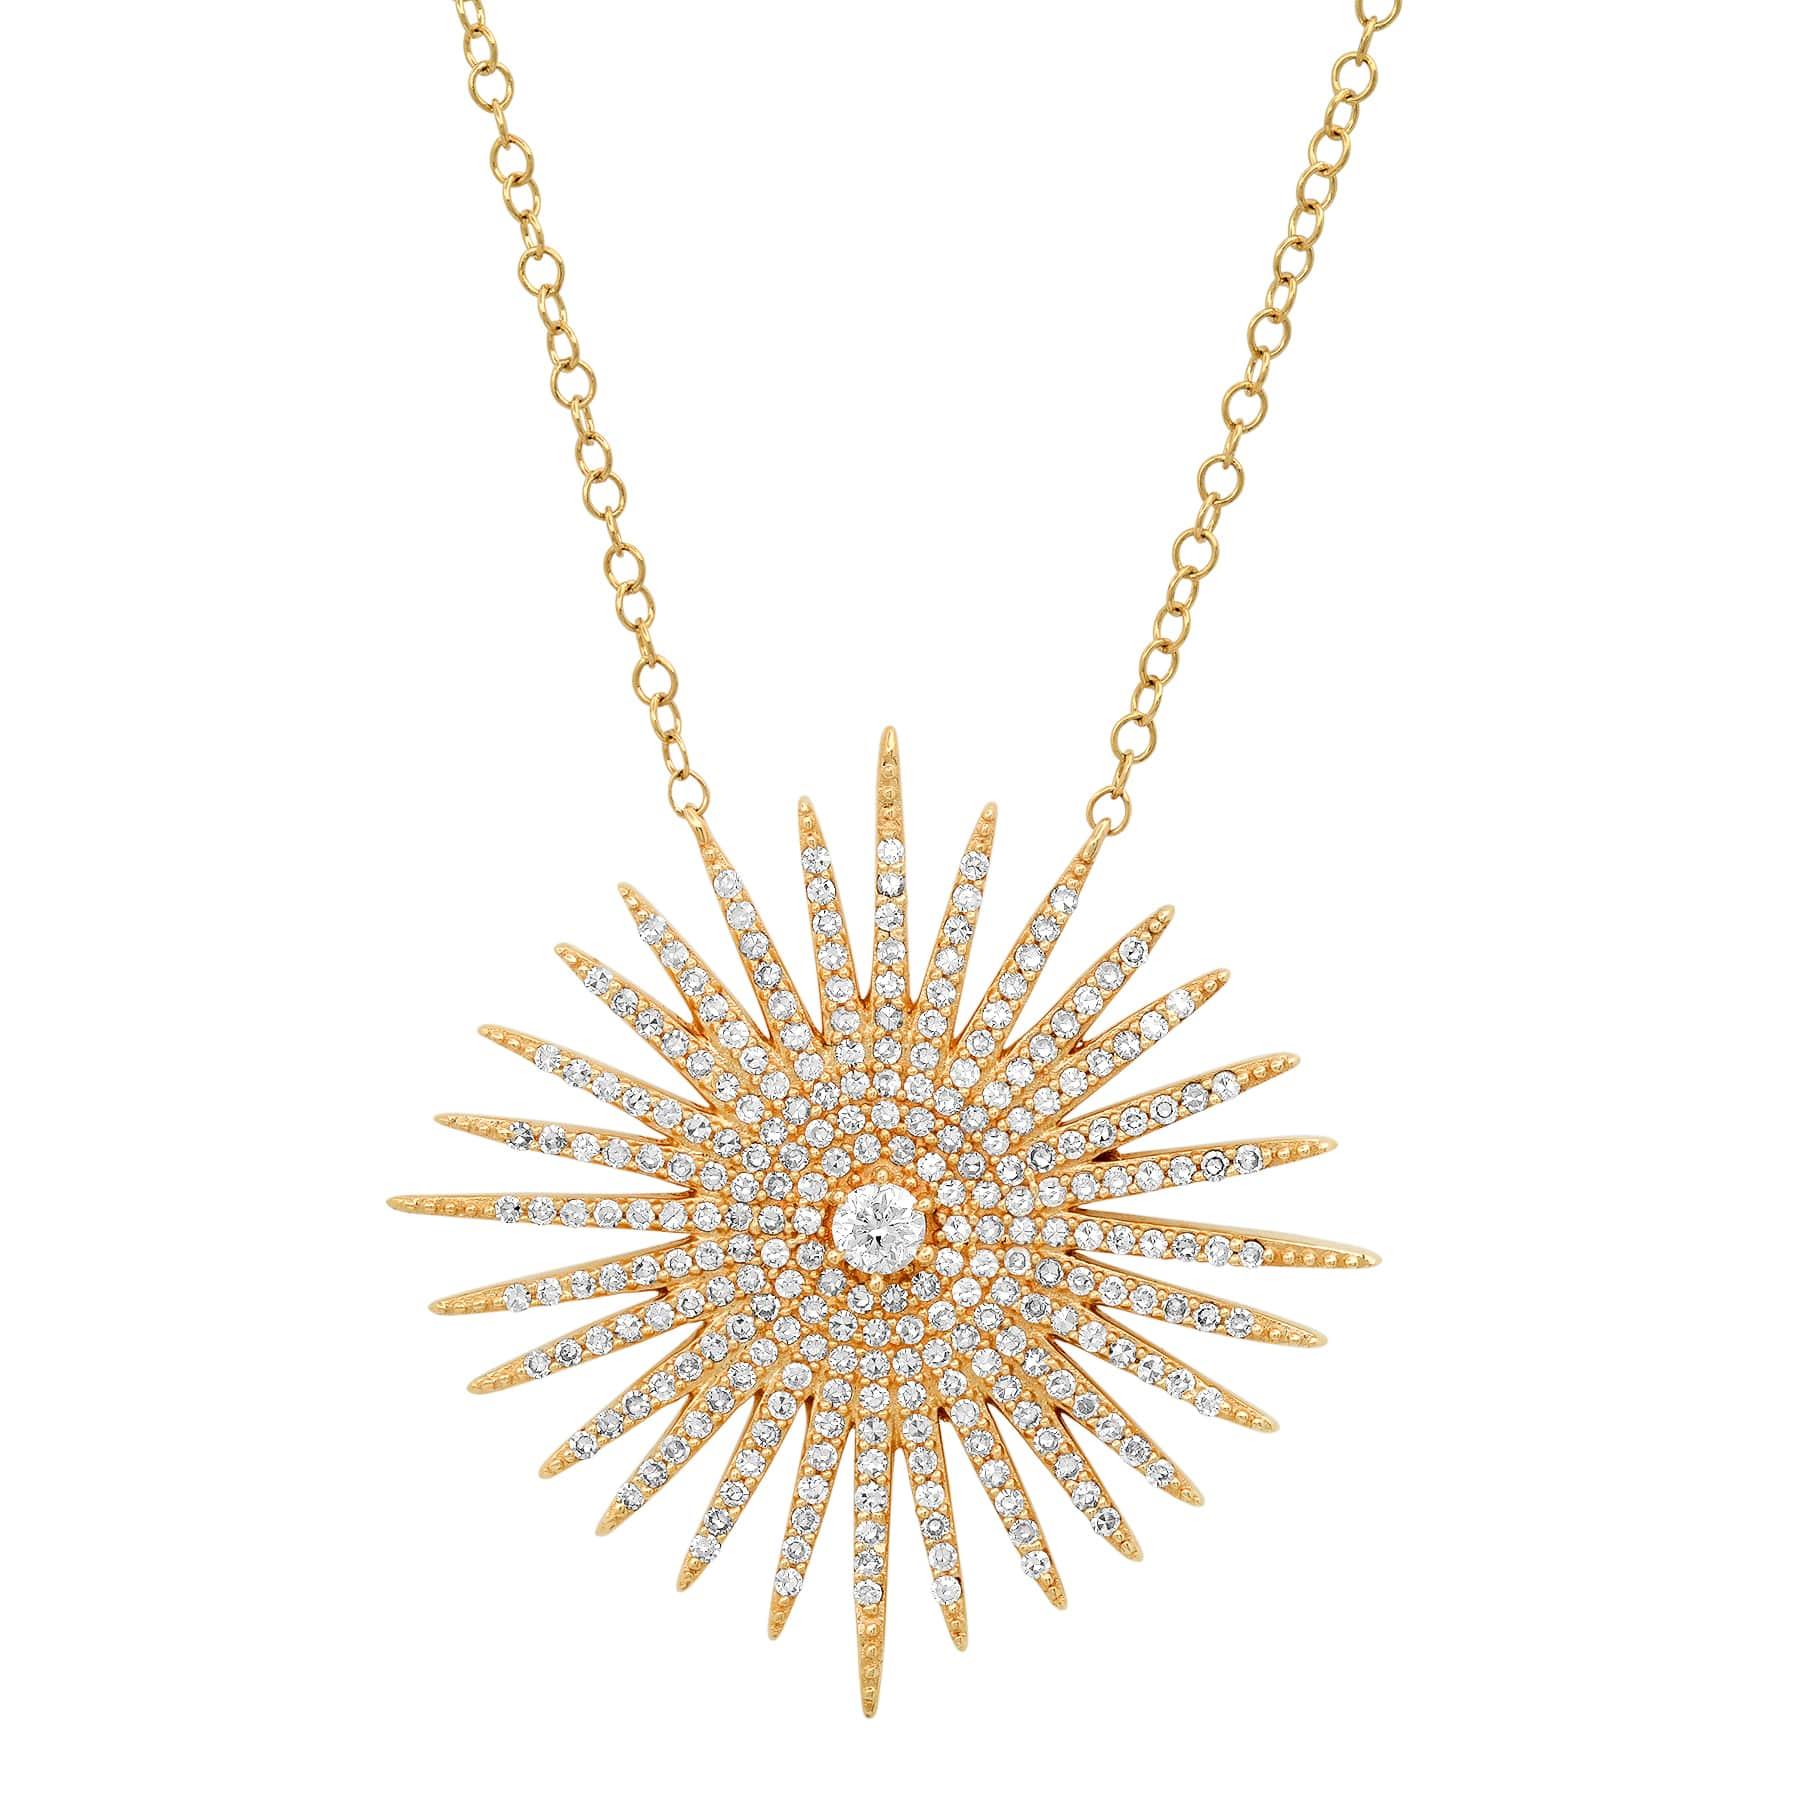 Supernova Necklace, Gold-min.jpg